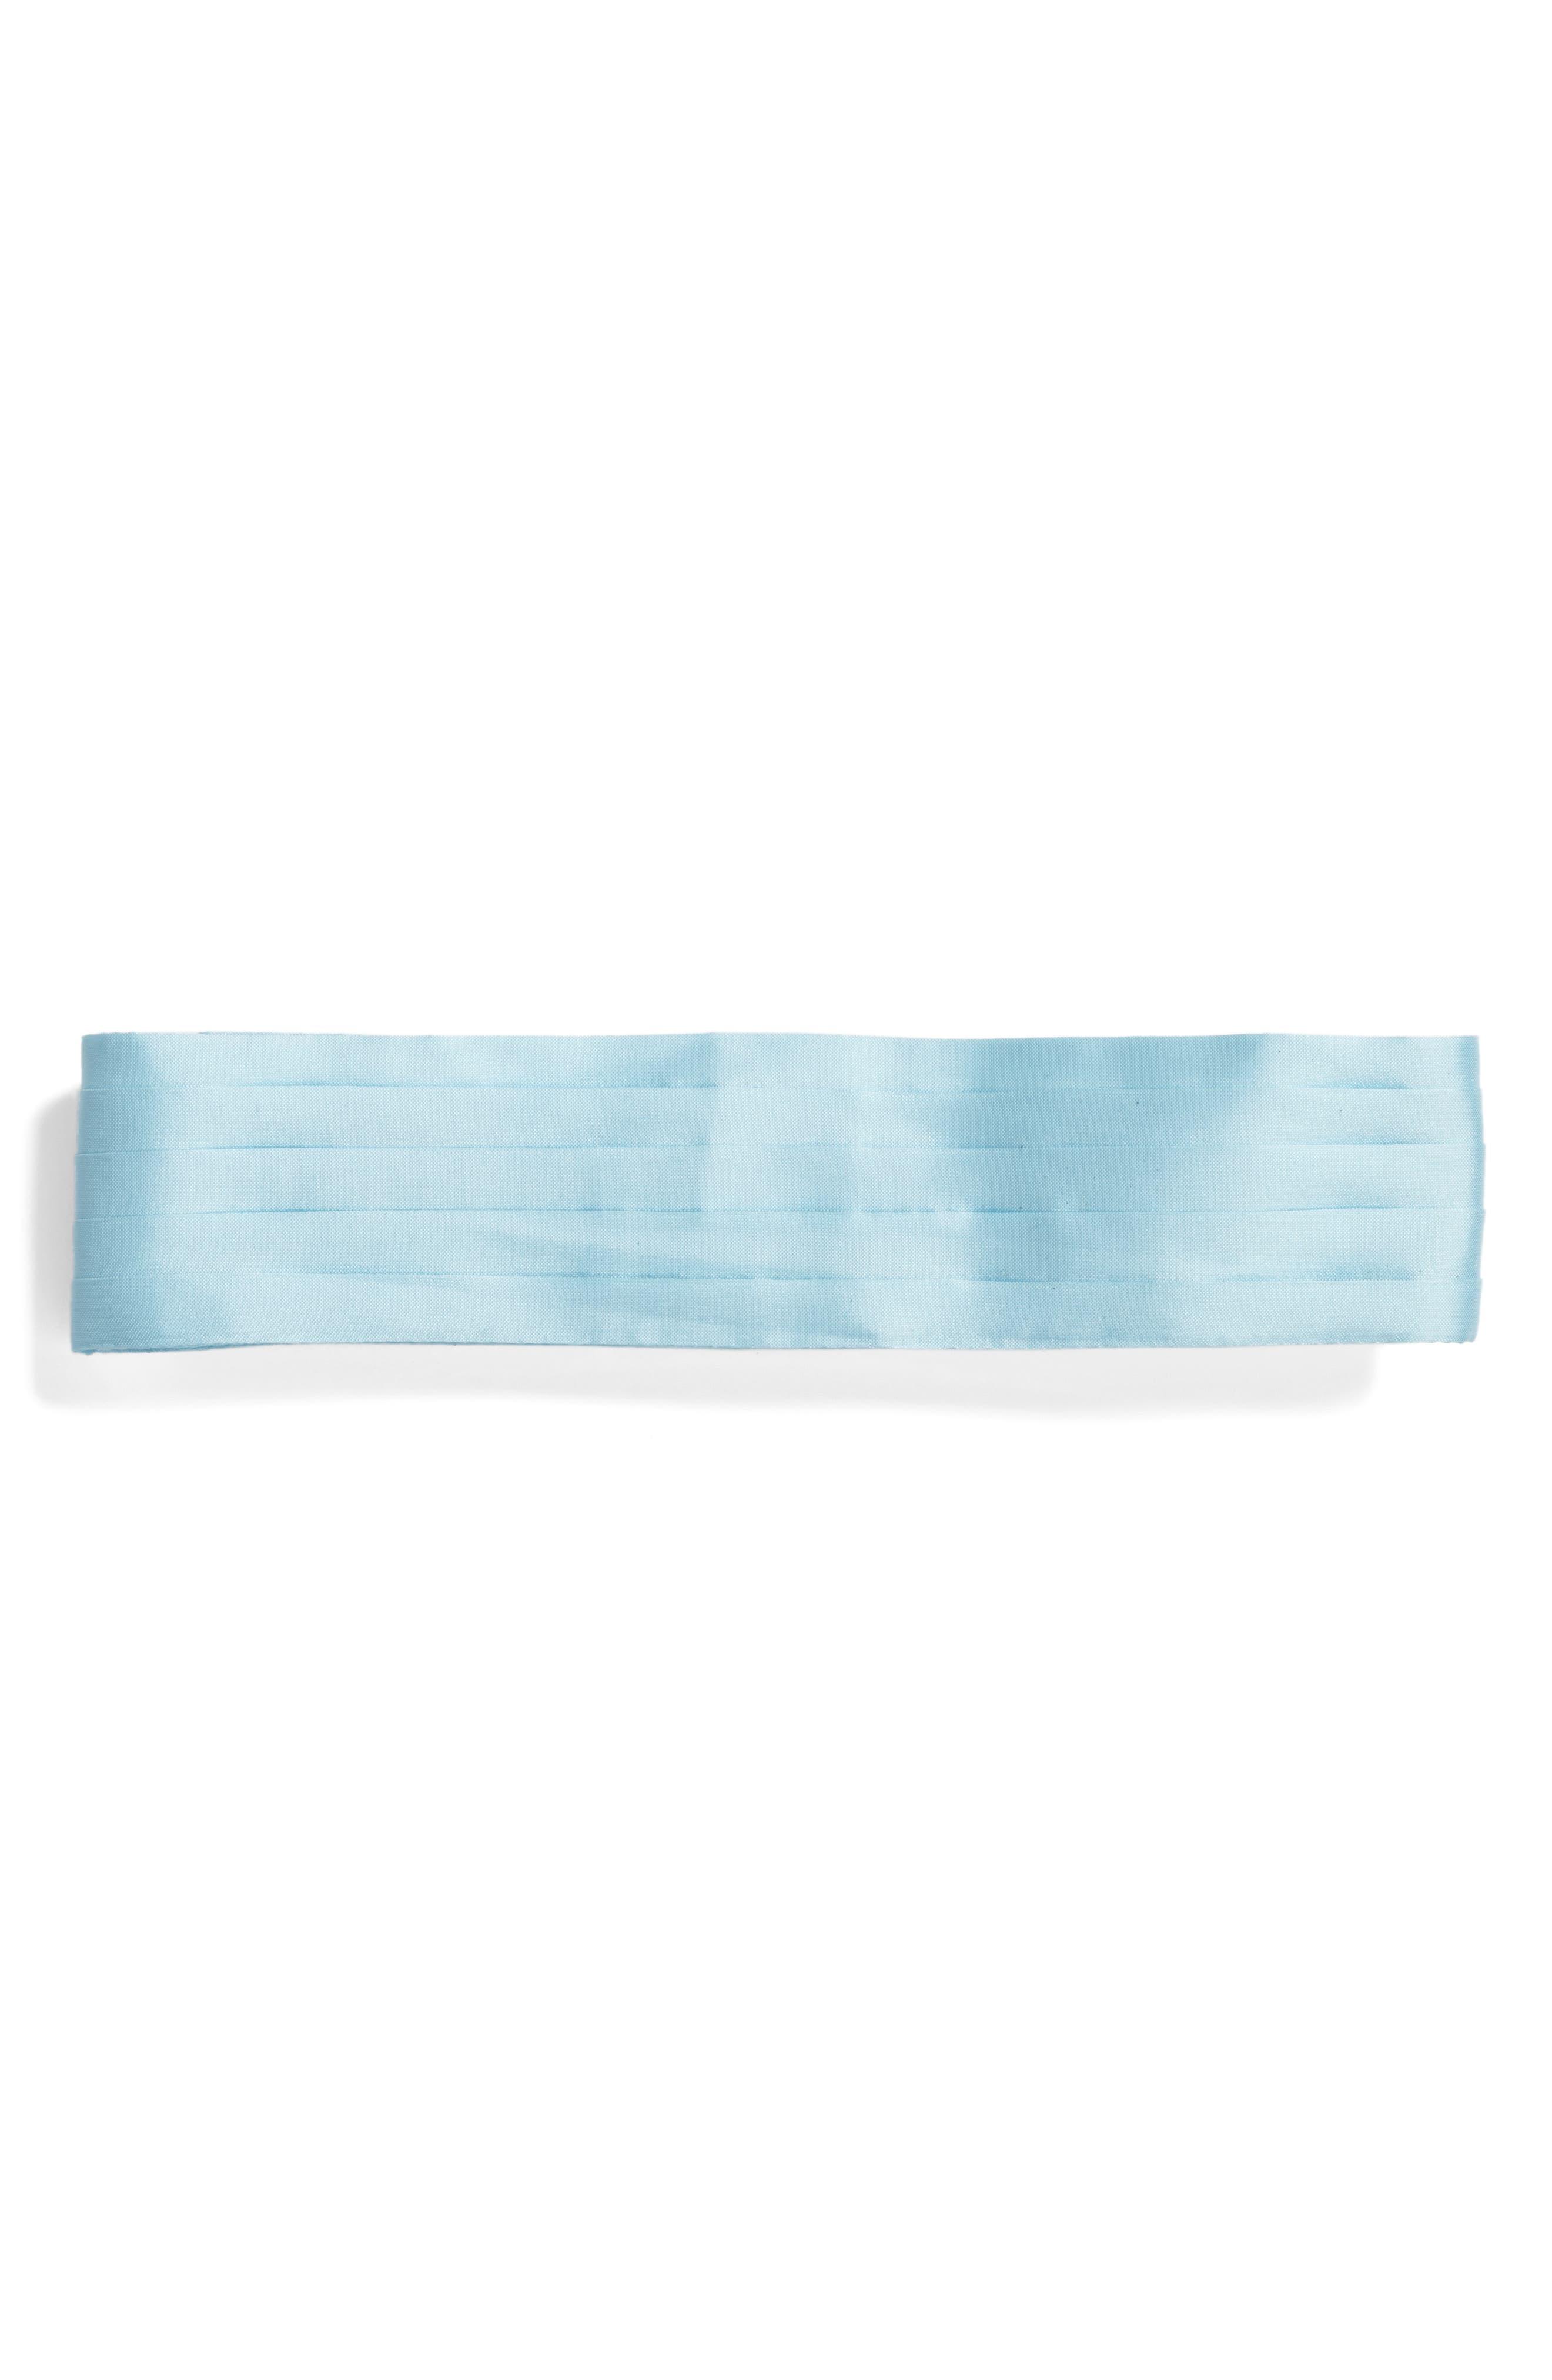 Sebastian Cummerbund Pintuck Belt,                         Main,                         color, Light Blue